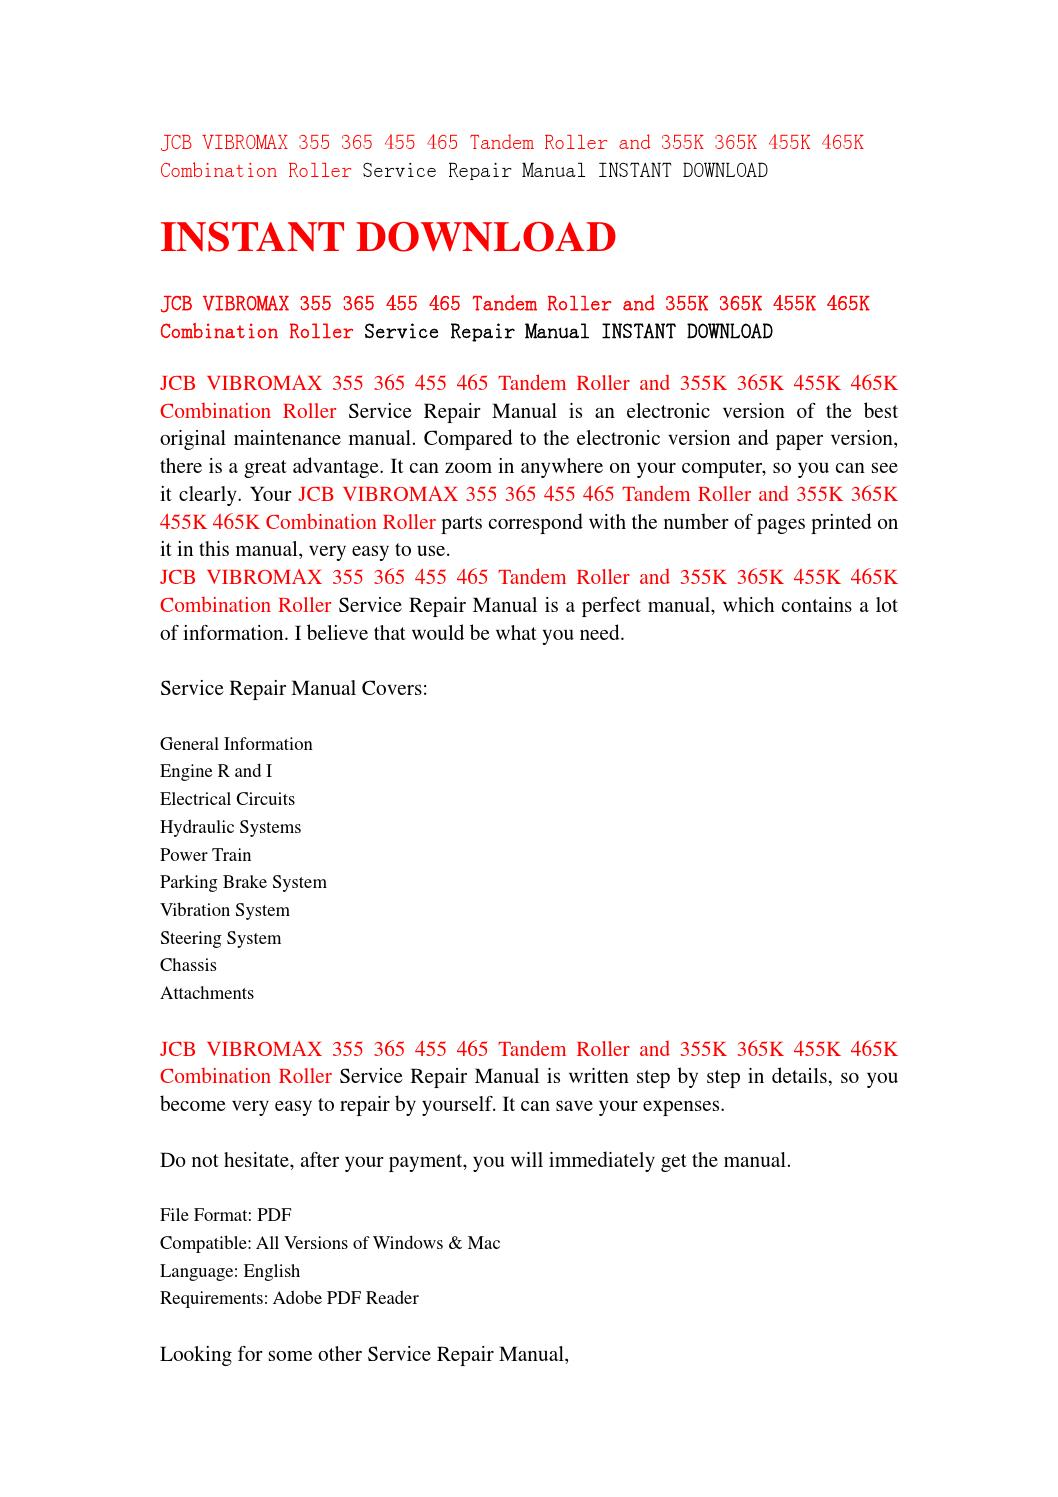 vibromax 355 365 355k 365k 455 465 455k 465k service manual